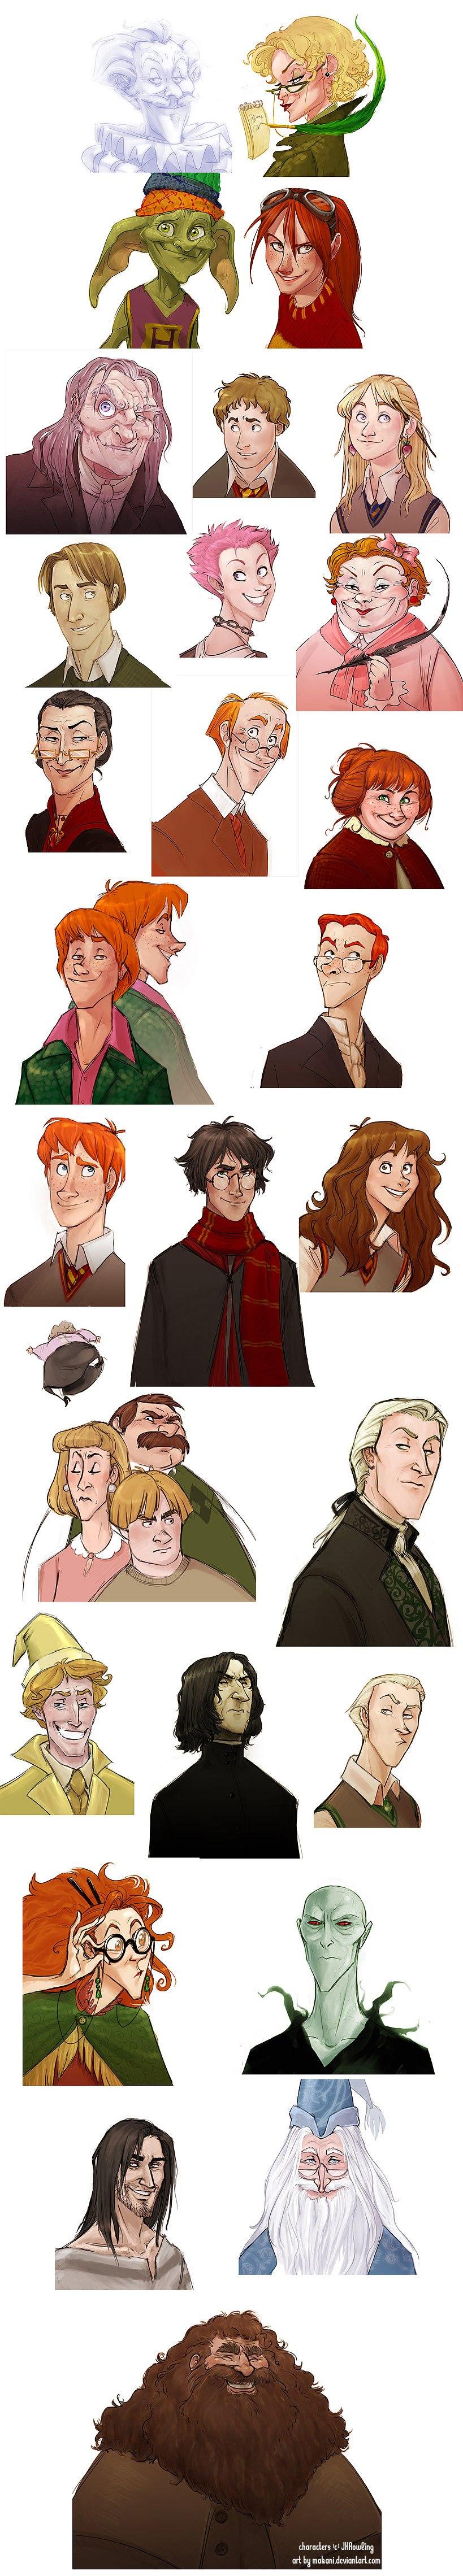 Harry Potter Les 50 Plus Belles Illustrations Mogwaii Harry Potter Disney Harry Potter Characters Harry Potter Movies